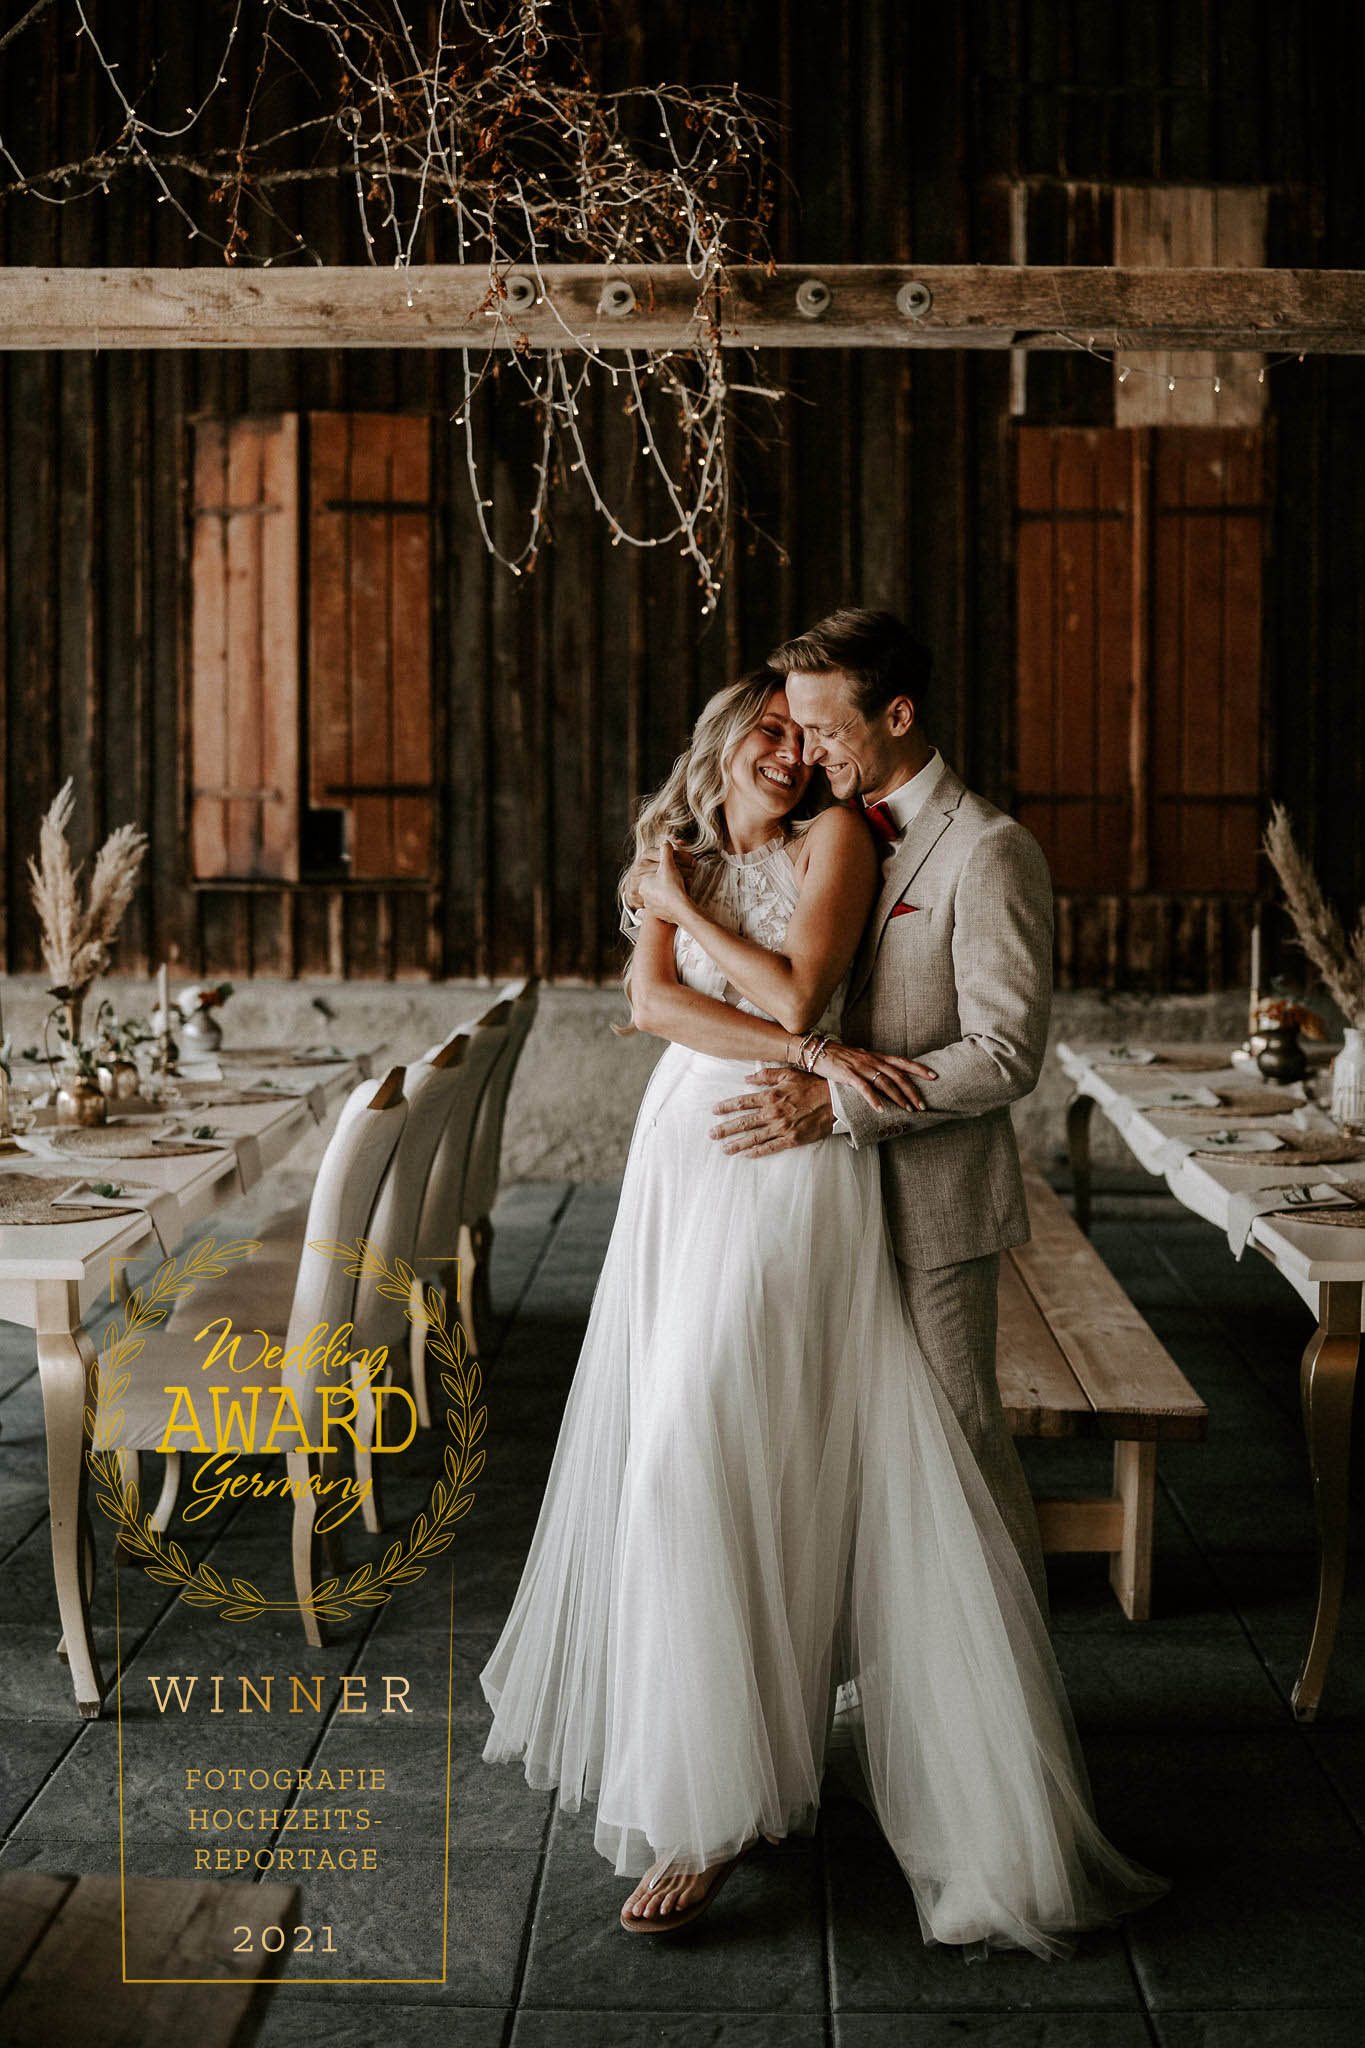 Winner Foto Hochzeitsreportage